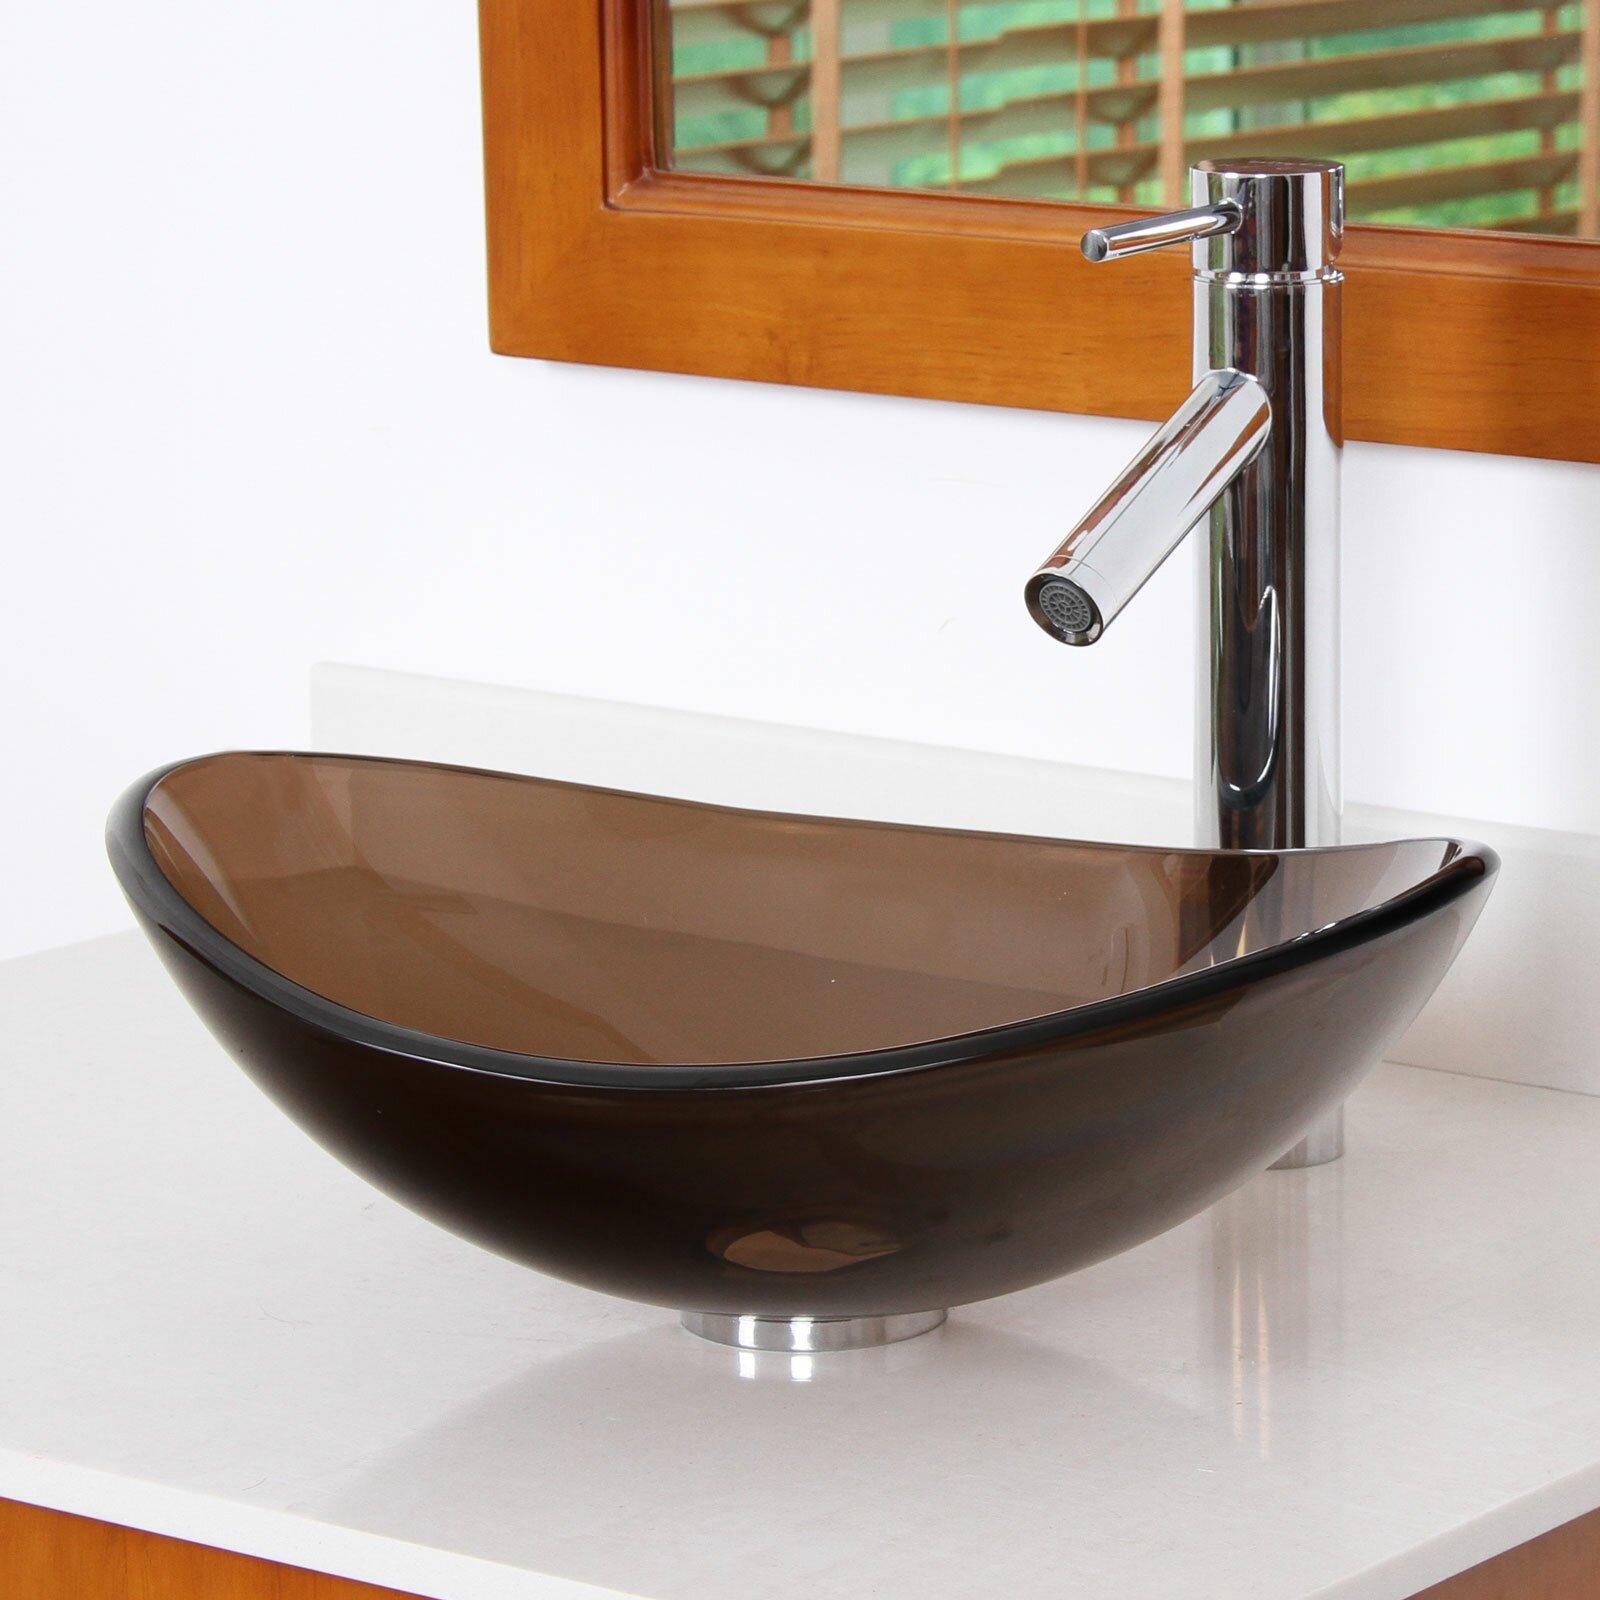 Elite tempered glass boat shaped oval bottom bowl vessel - Bathroom tempered glass vessel sink ...